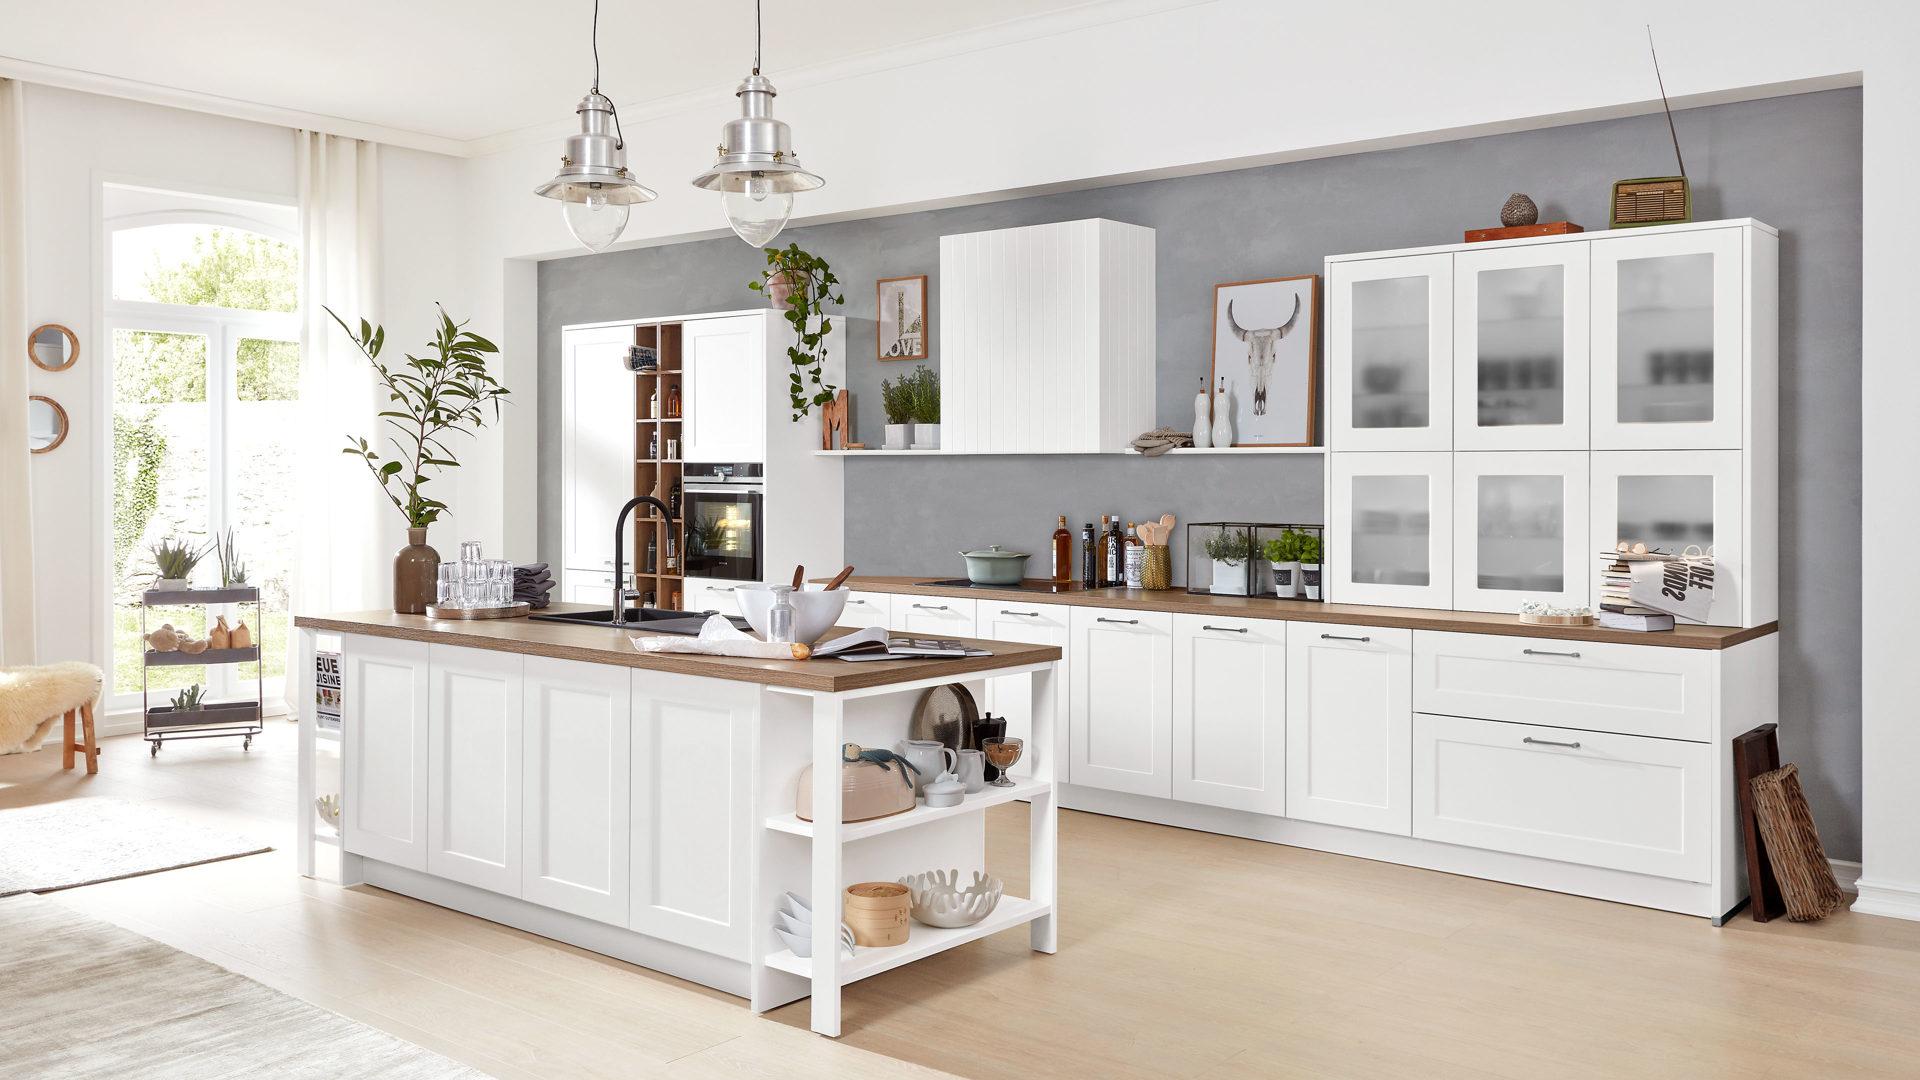 Fabulous Interliving Küche Serie 3002 mit SIEMENS Einbaugeräten, weiße &, AW12